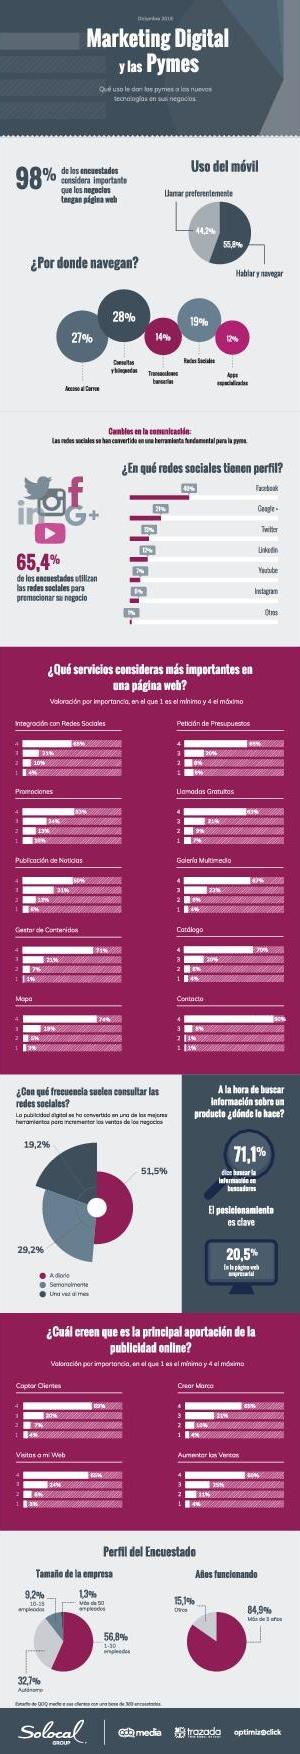 infografia_qdq-marketing-digital-y-las-pymes